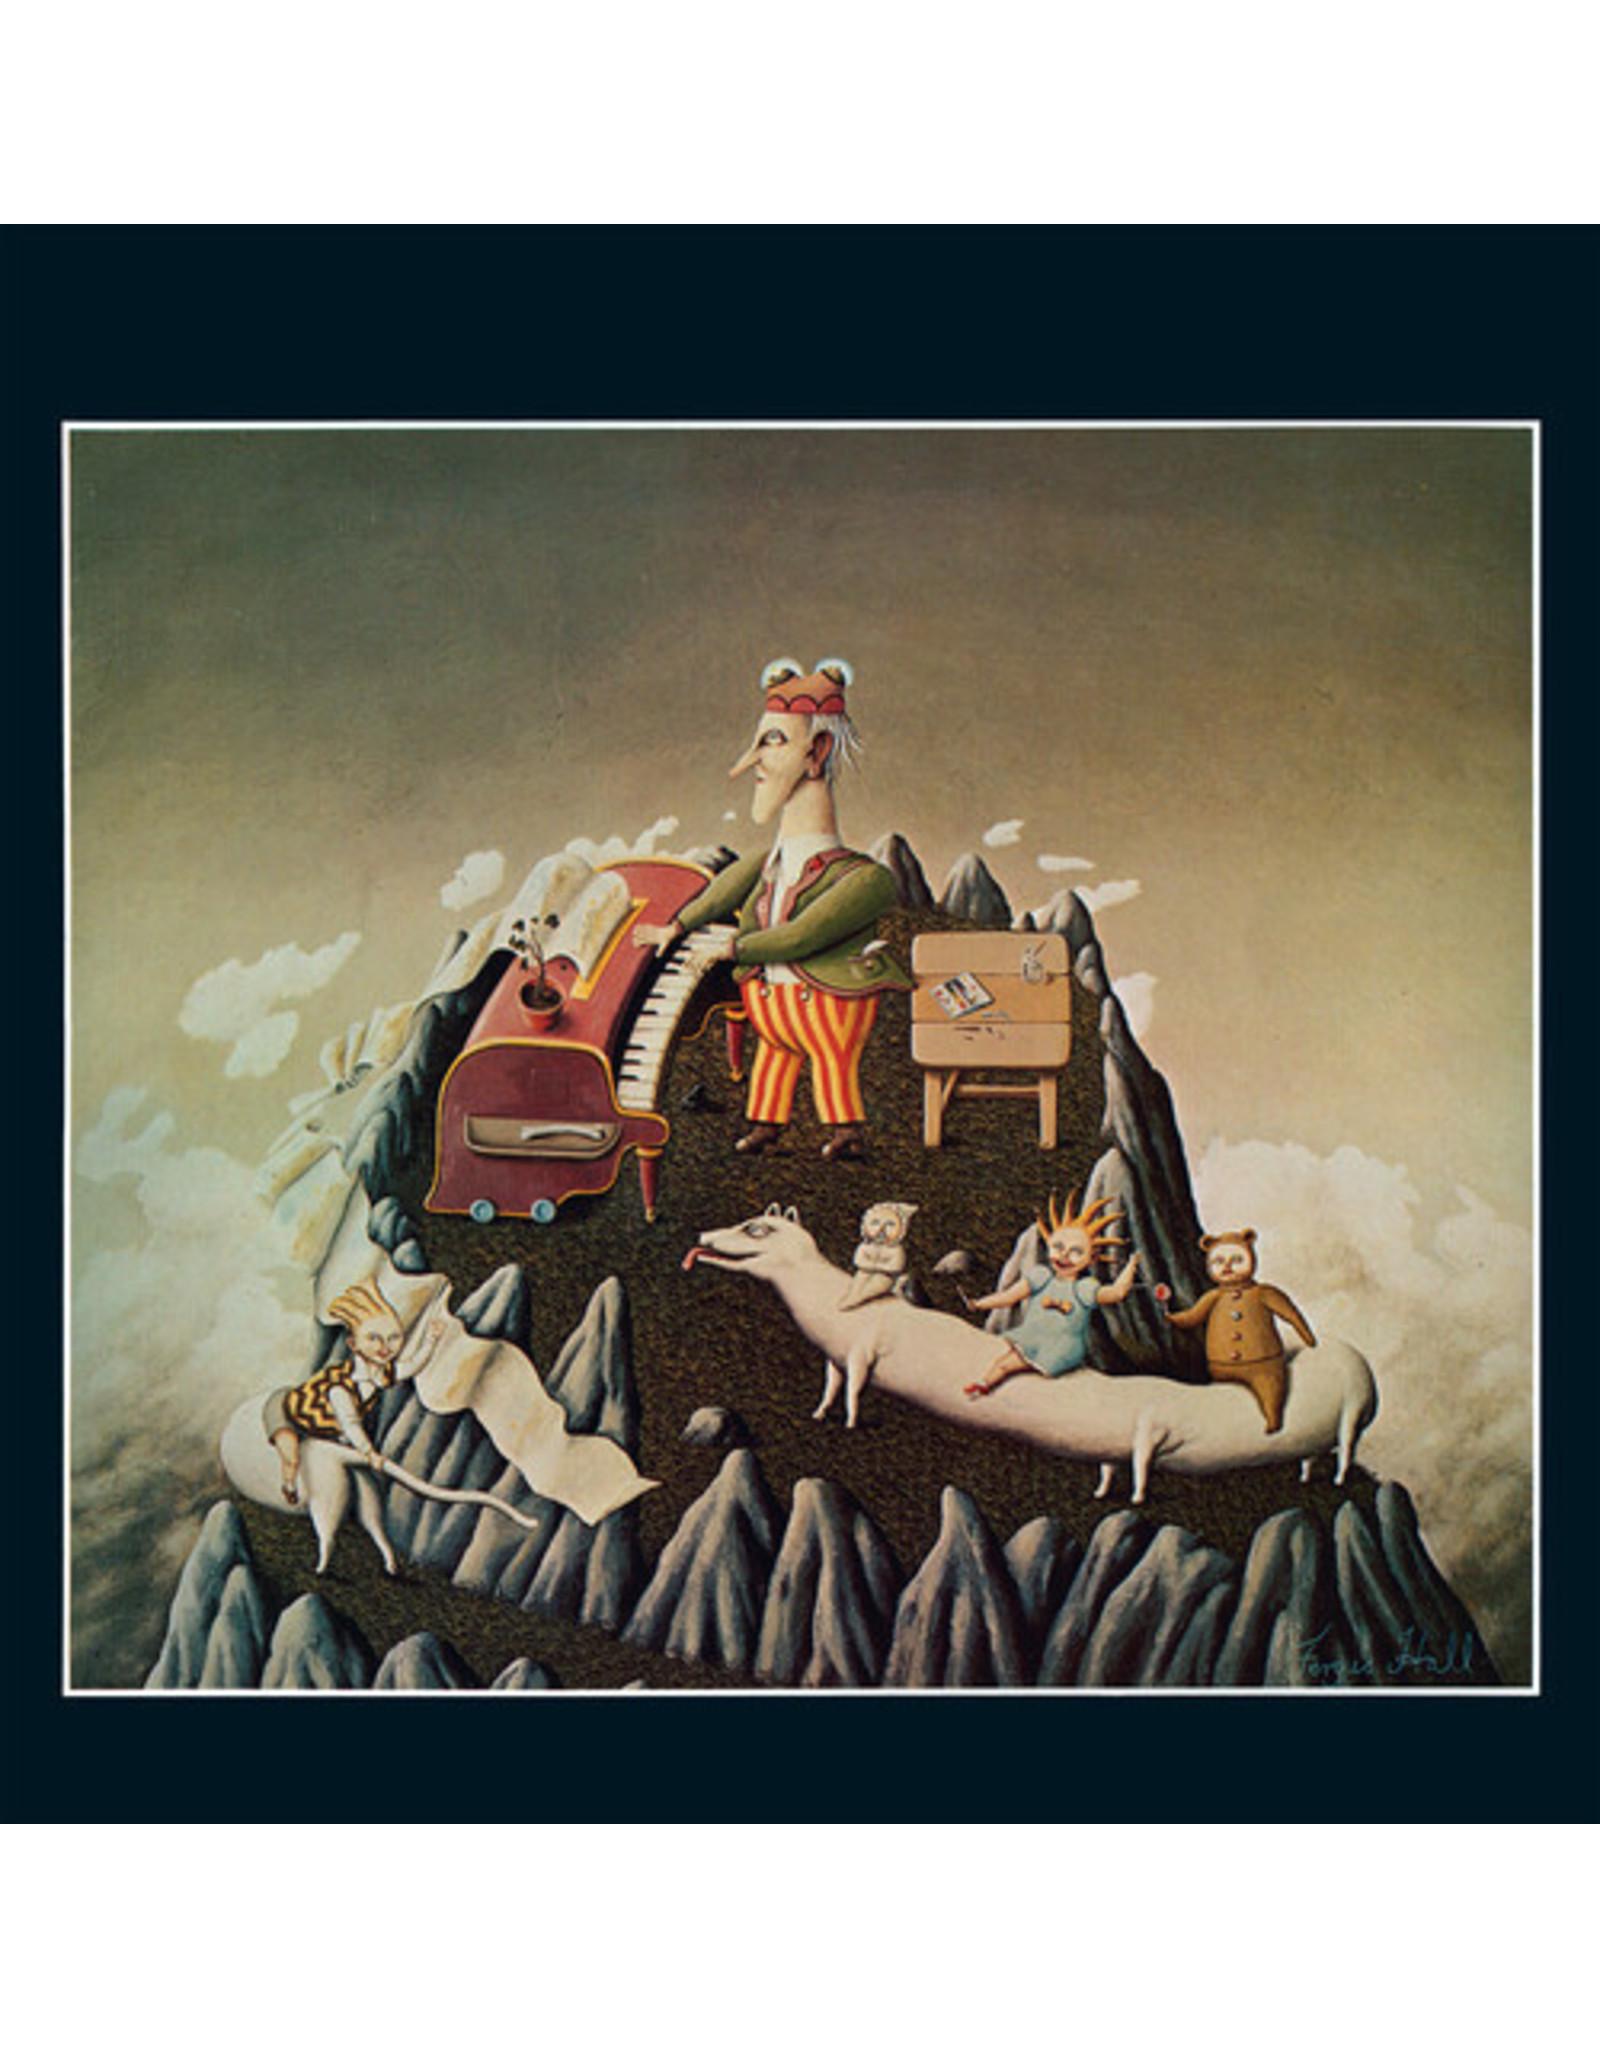 New Vinyl King Crimson - Rarities (Remixed By Steven Wilson & Robert Fripp, Ltd. 200g) 2LP